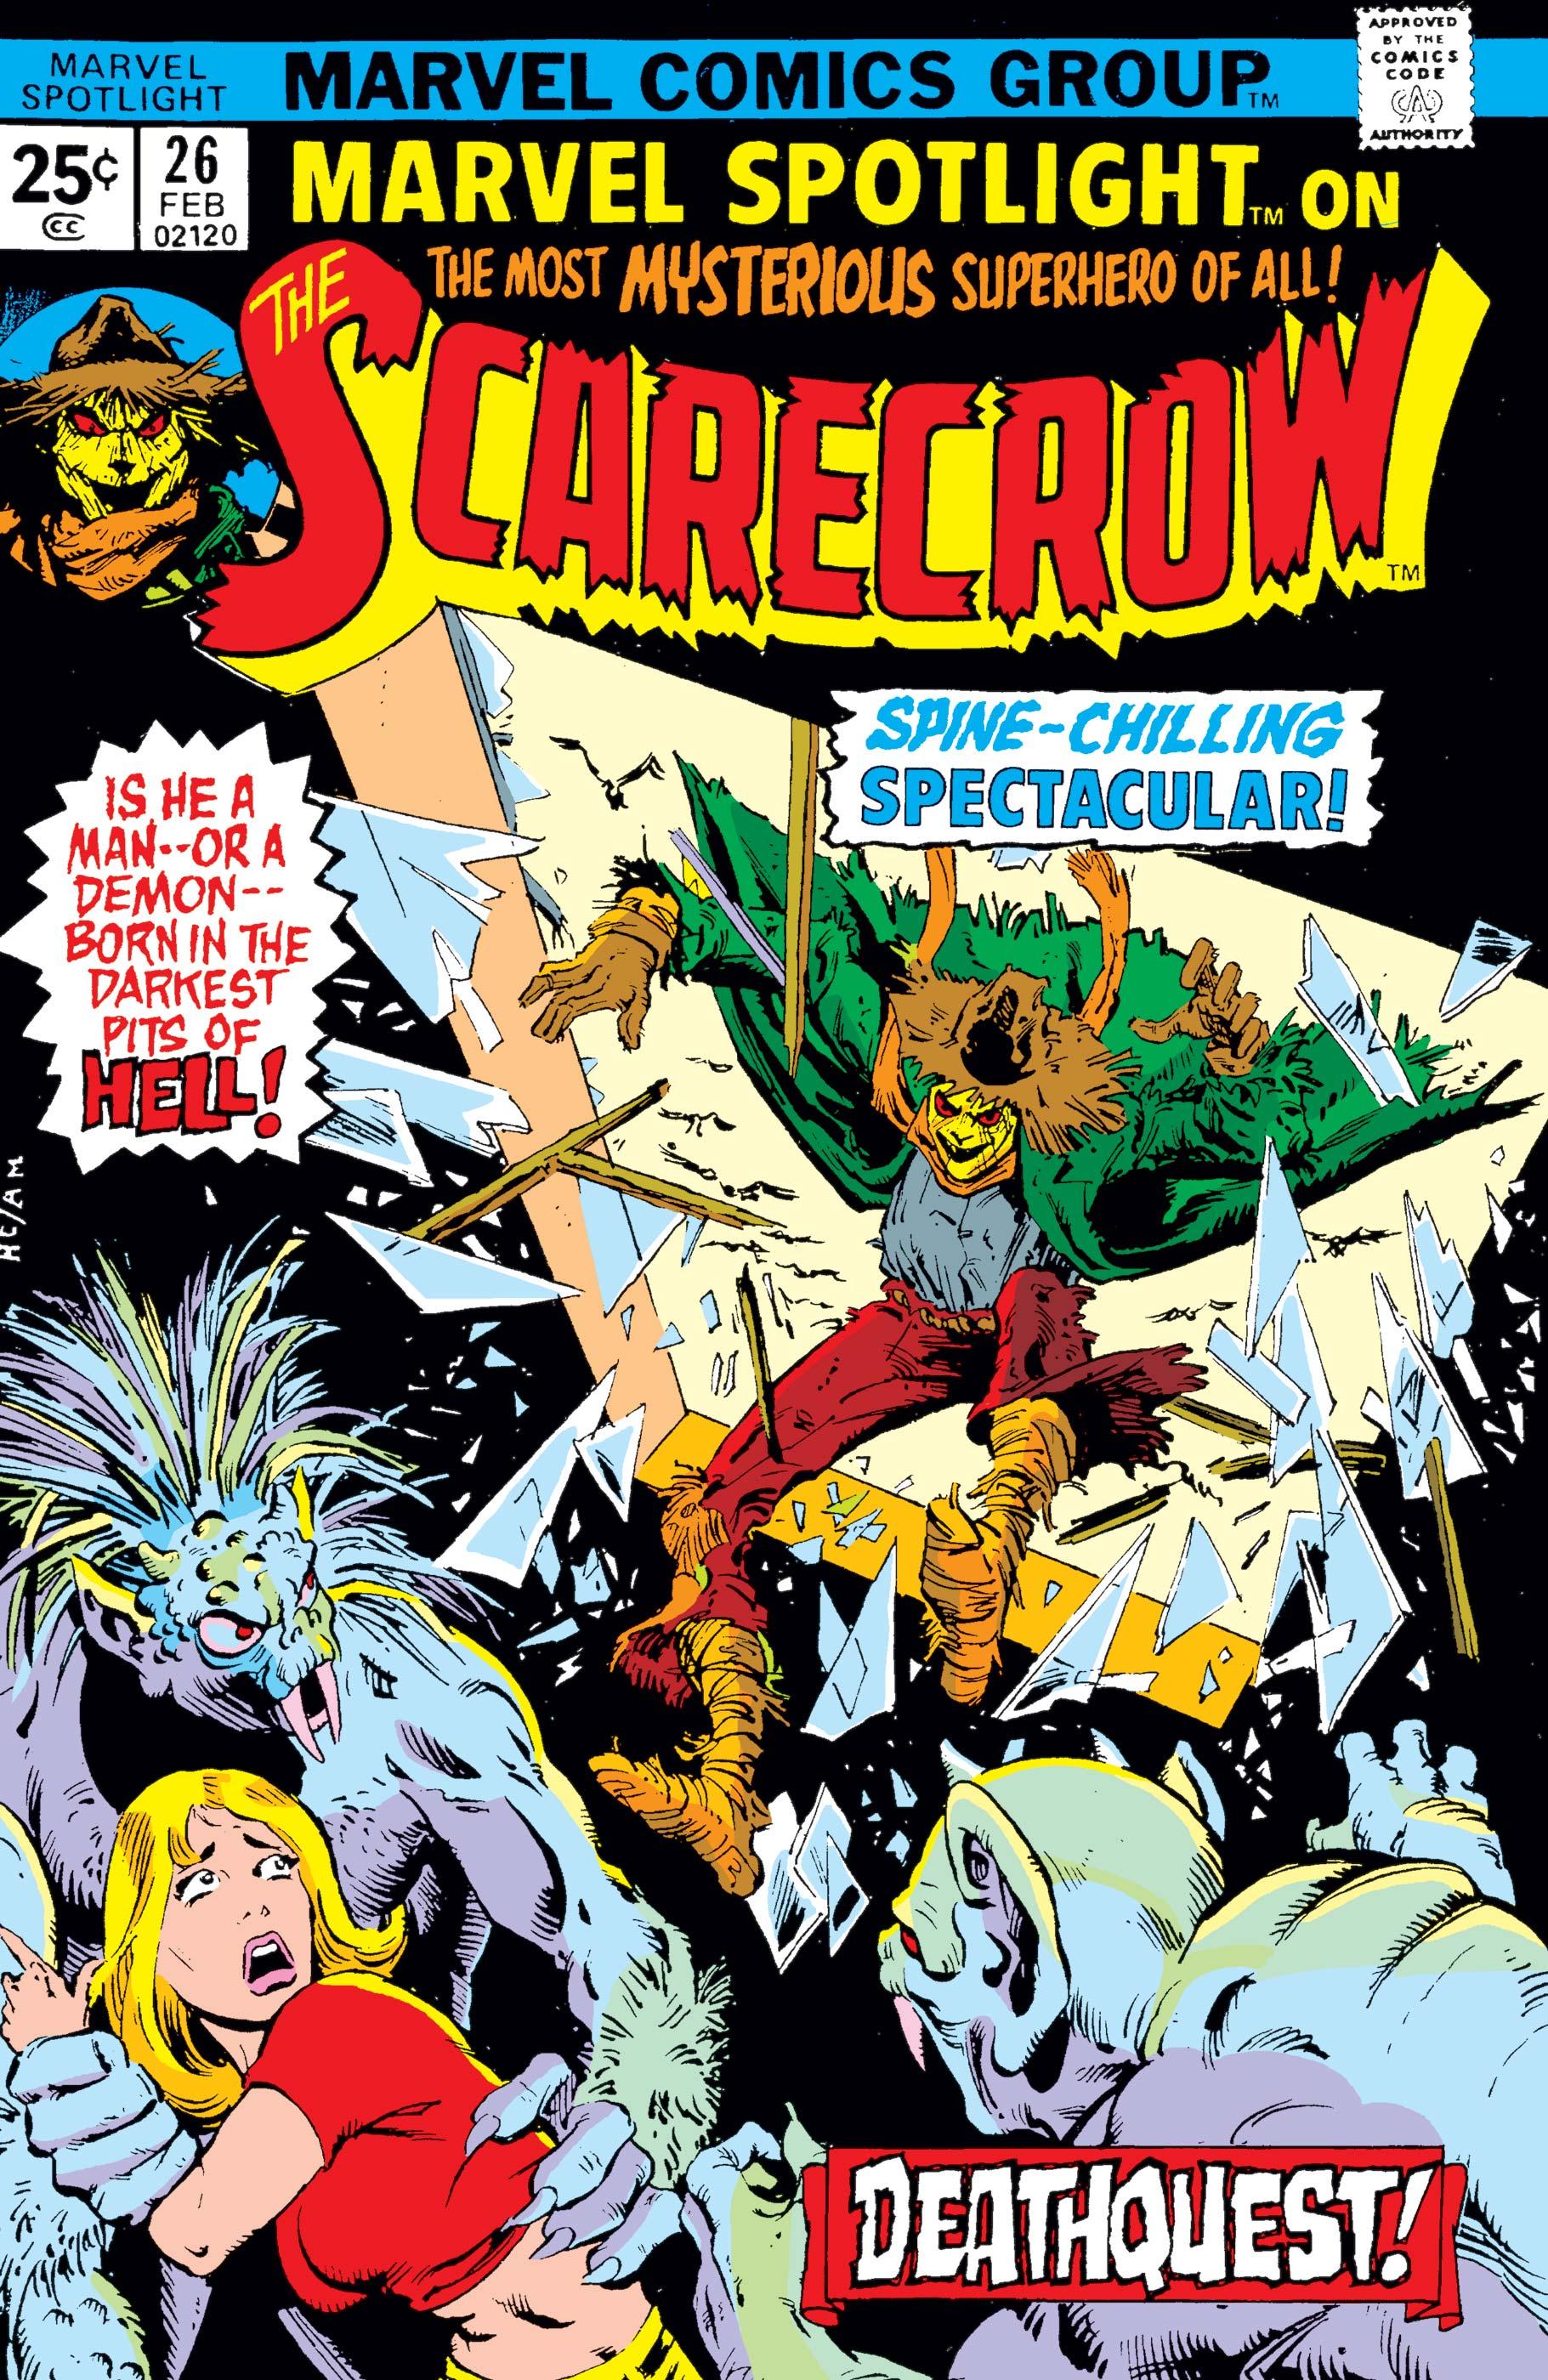 Marvel Spotlight (1971) #26